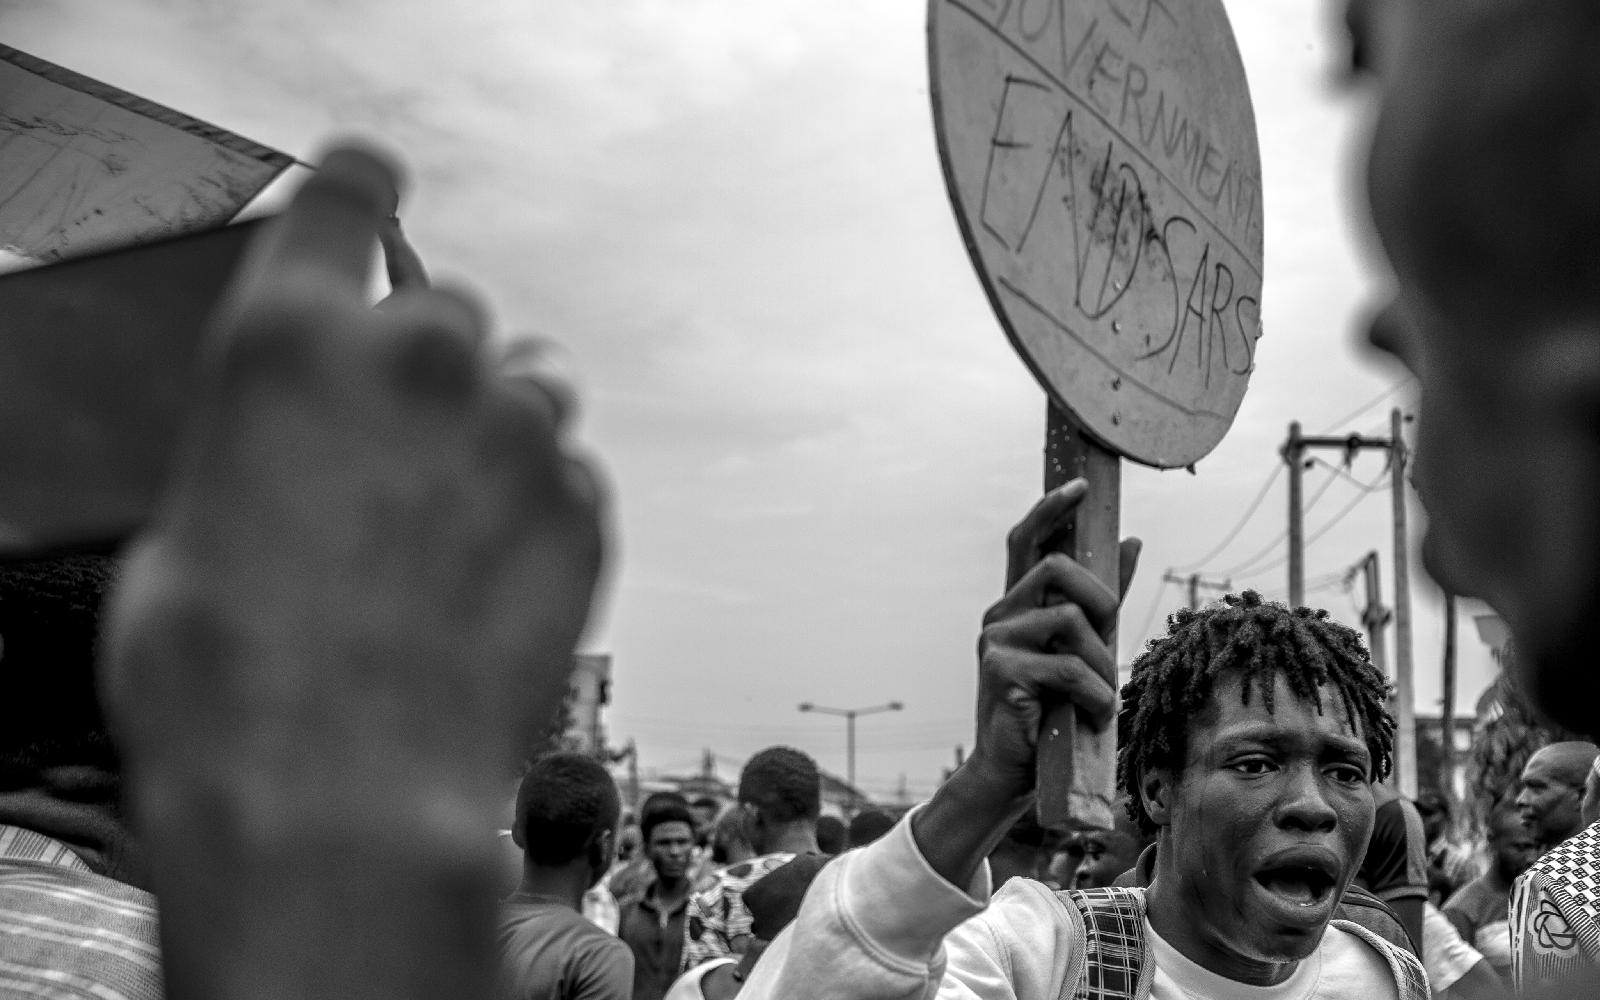 Nigeria Protests Crowd